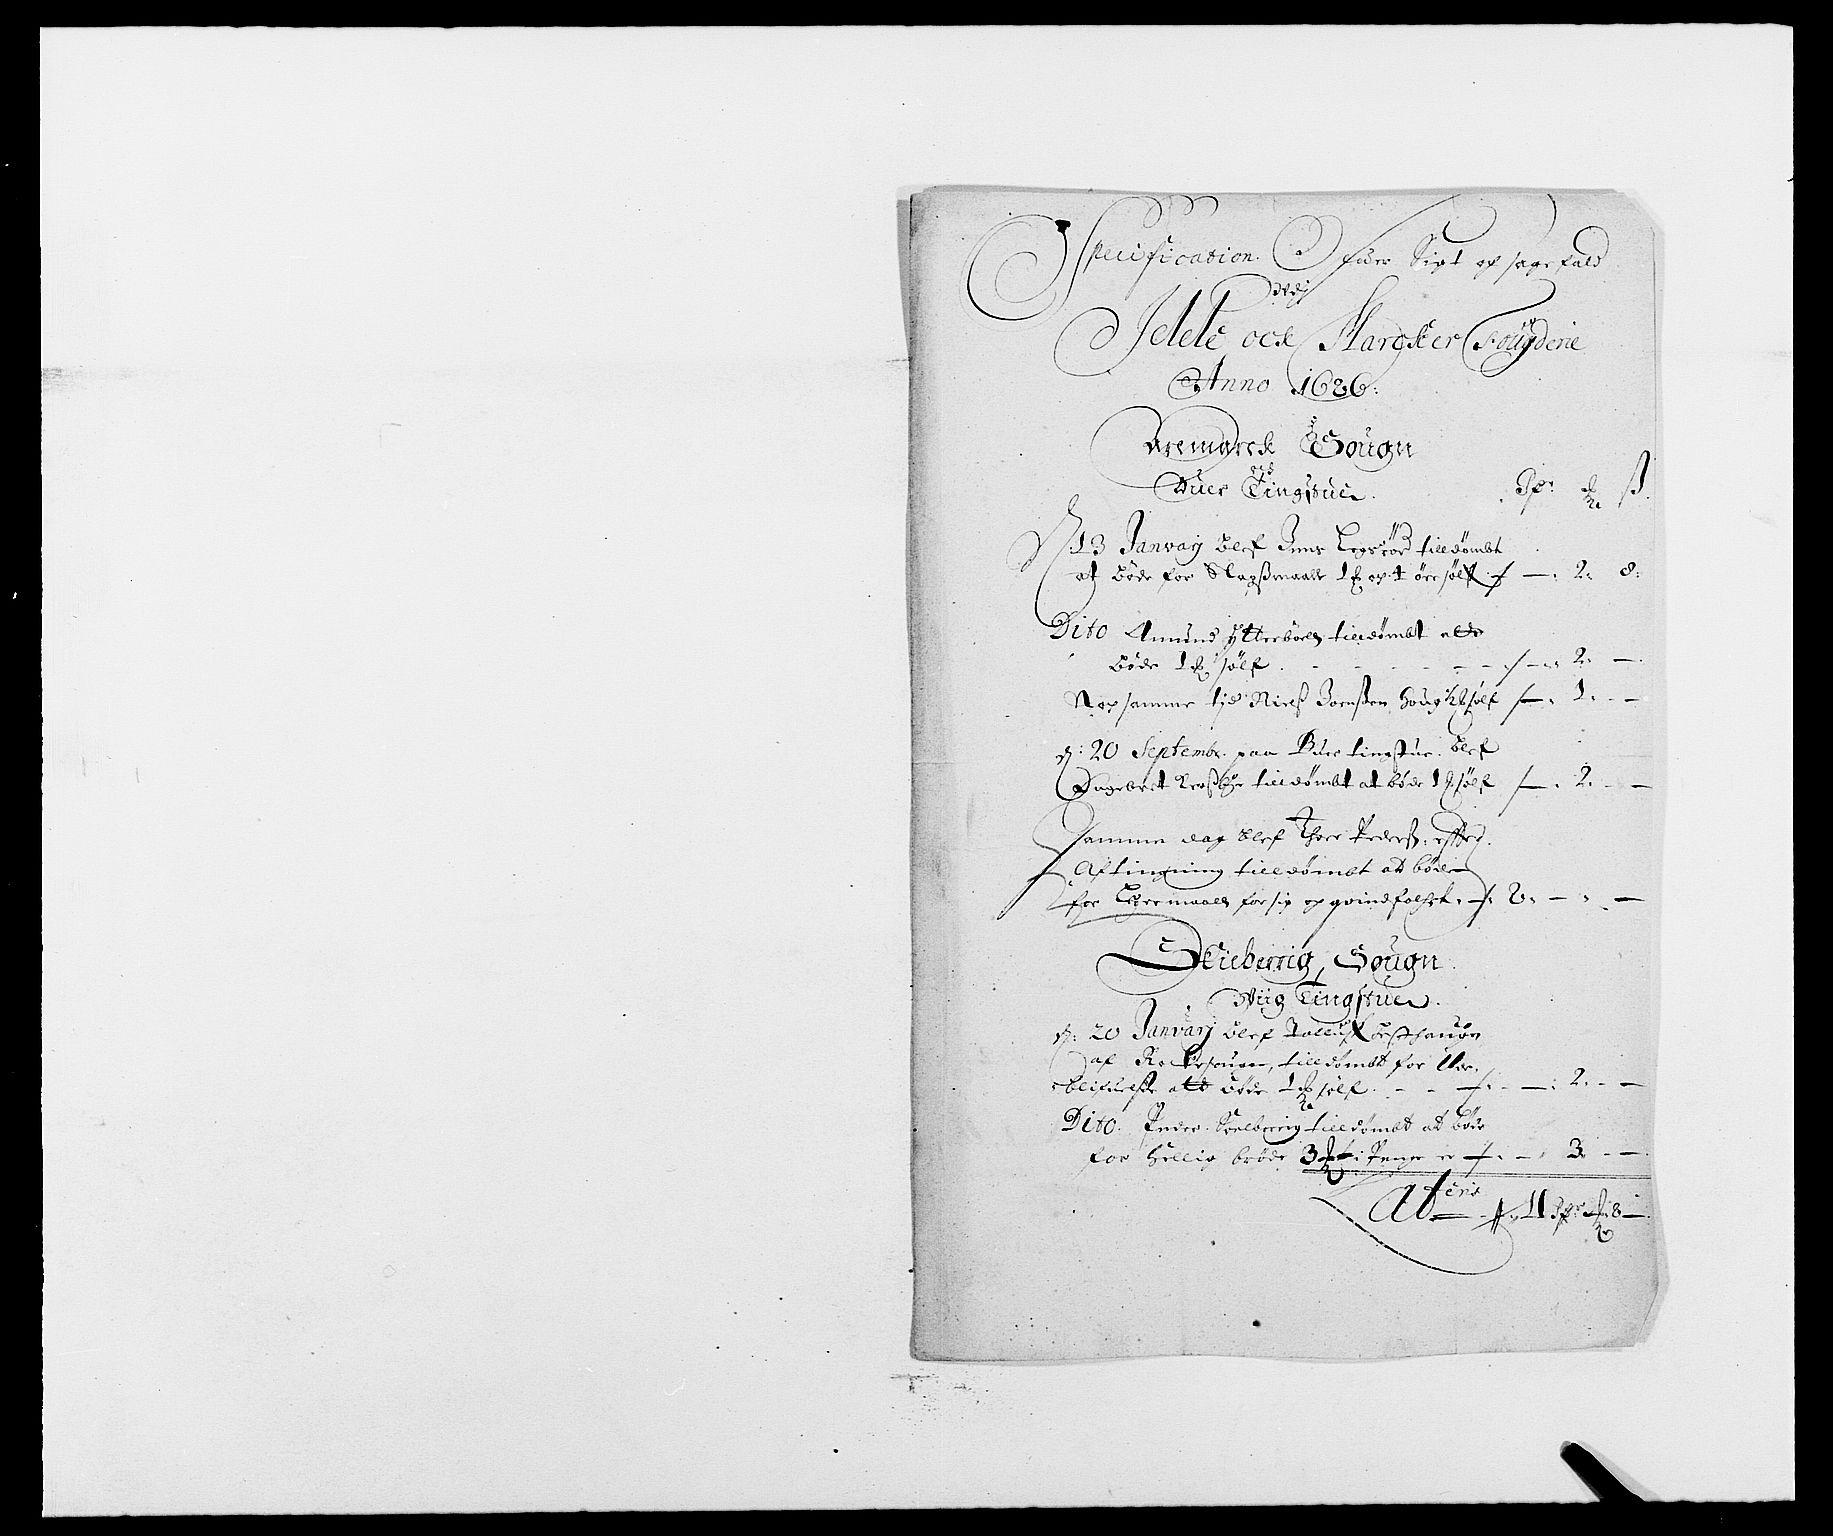 RA, Rentekammeret inntil 1814, Reviderte regnskaper, Fogderegnskap, R01/L0006: Fogderegnskap Idd og Marker, 1685-1686, s. 278